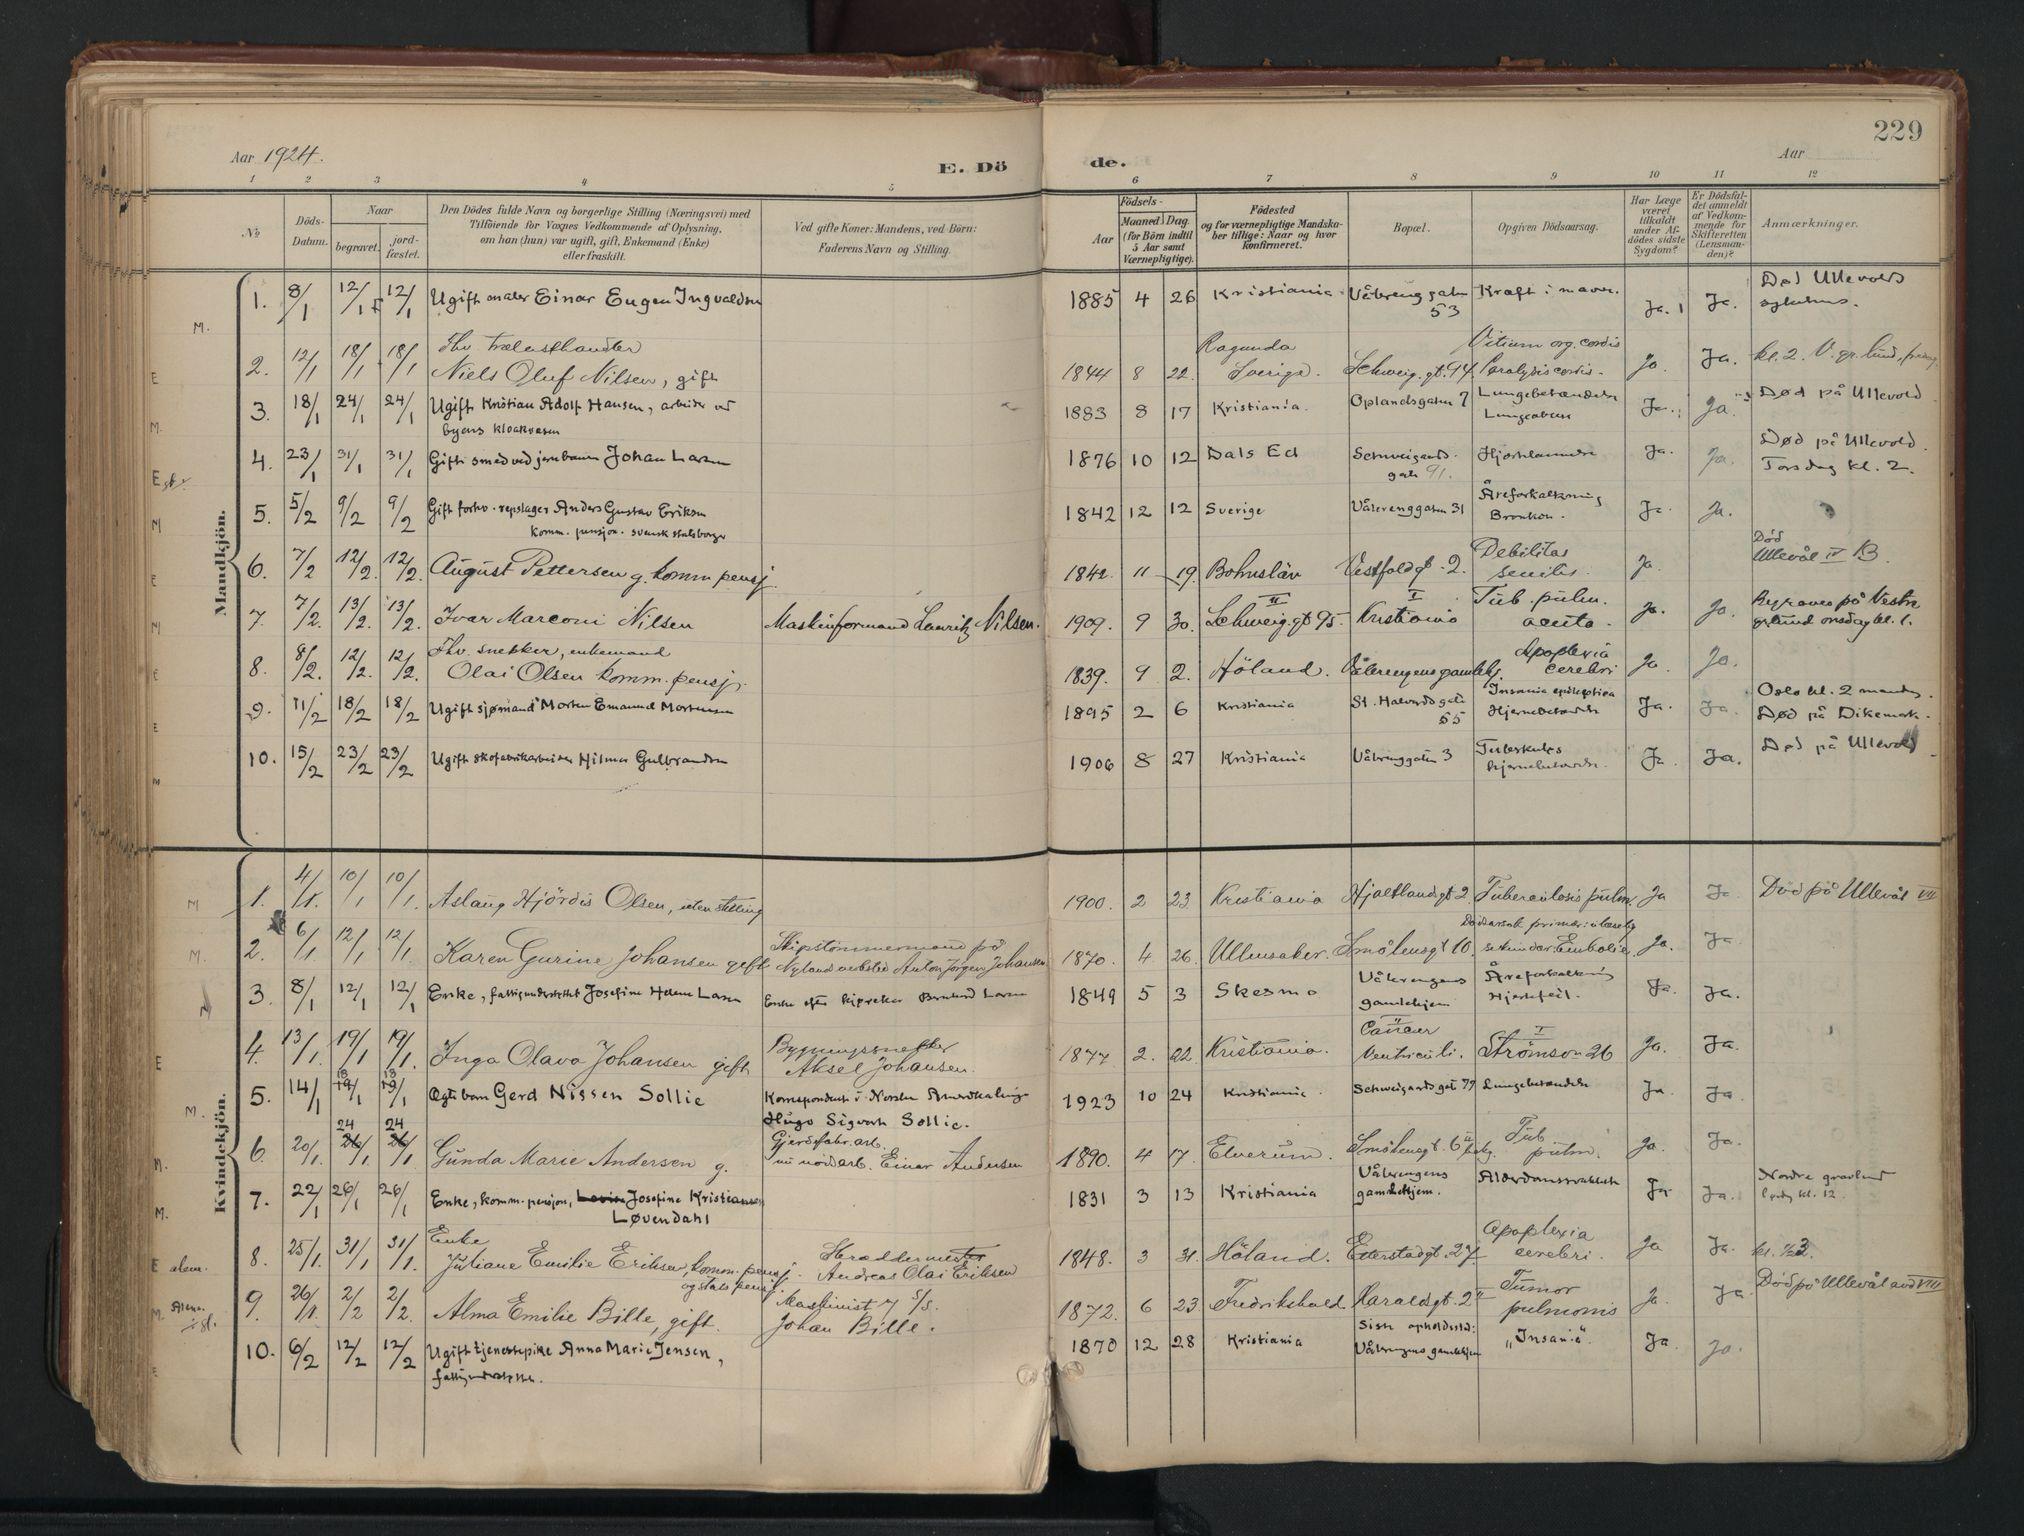 SAO, Vålerengen prestekontor Kirkebøker, F/Fa/L0003: Ministerialbok nr. 3, 1899-1930, s. 229